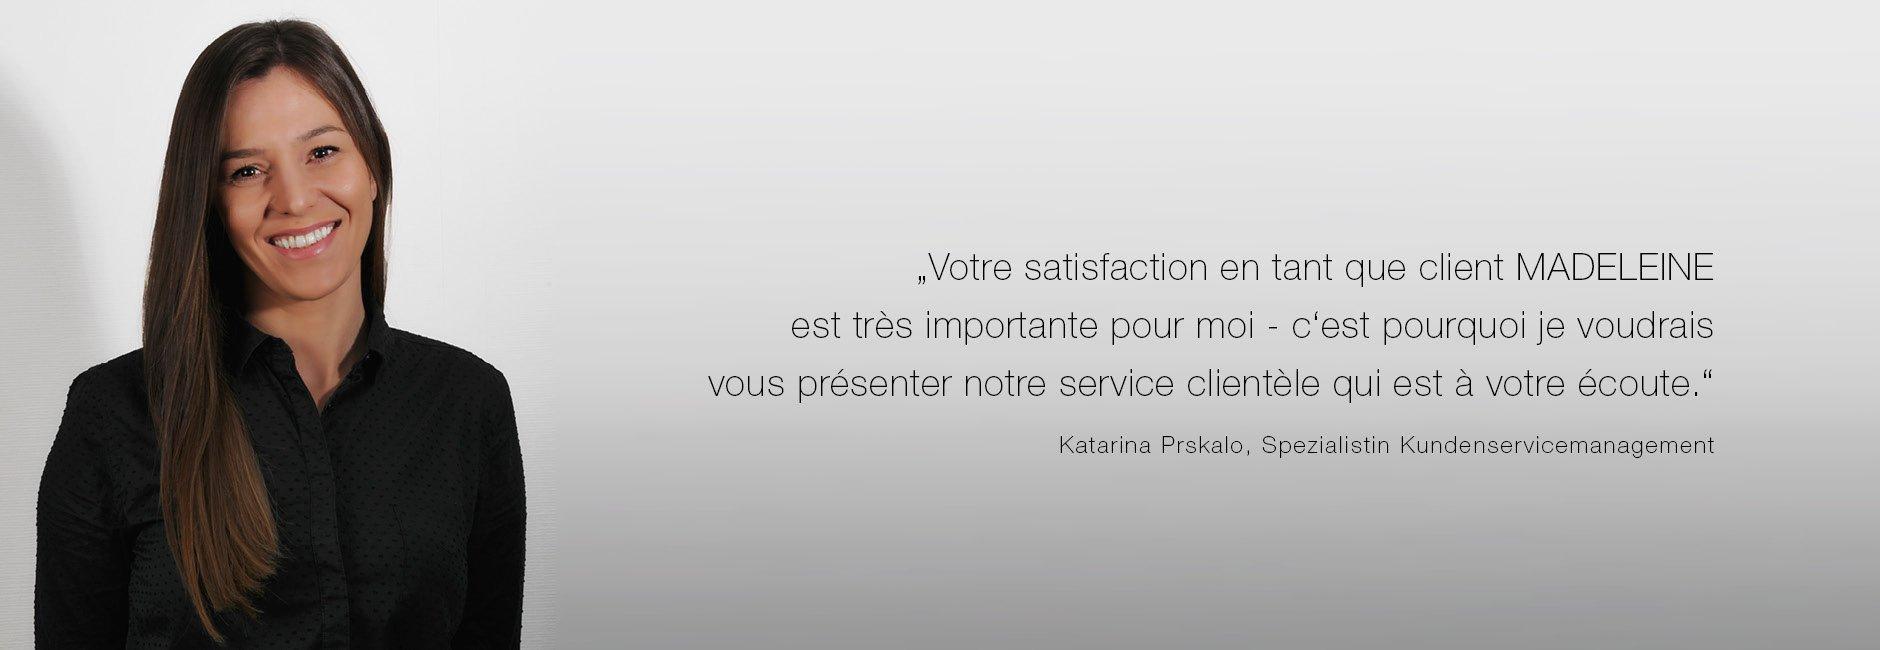 service client madeleine mode suisse